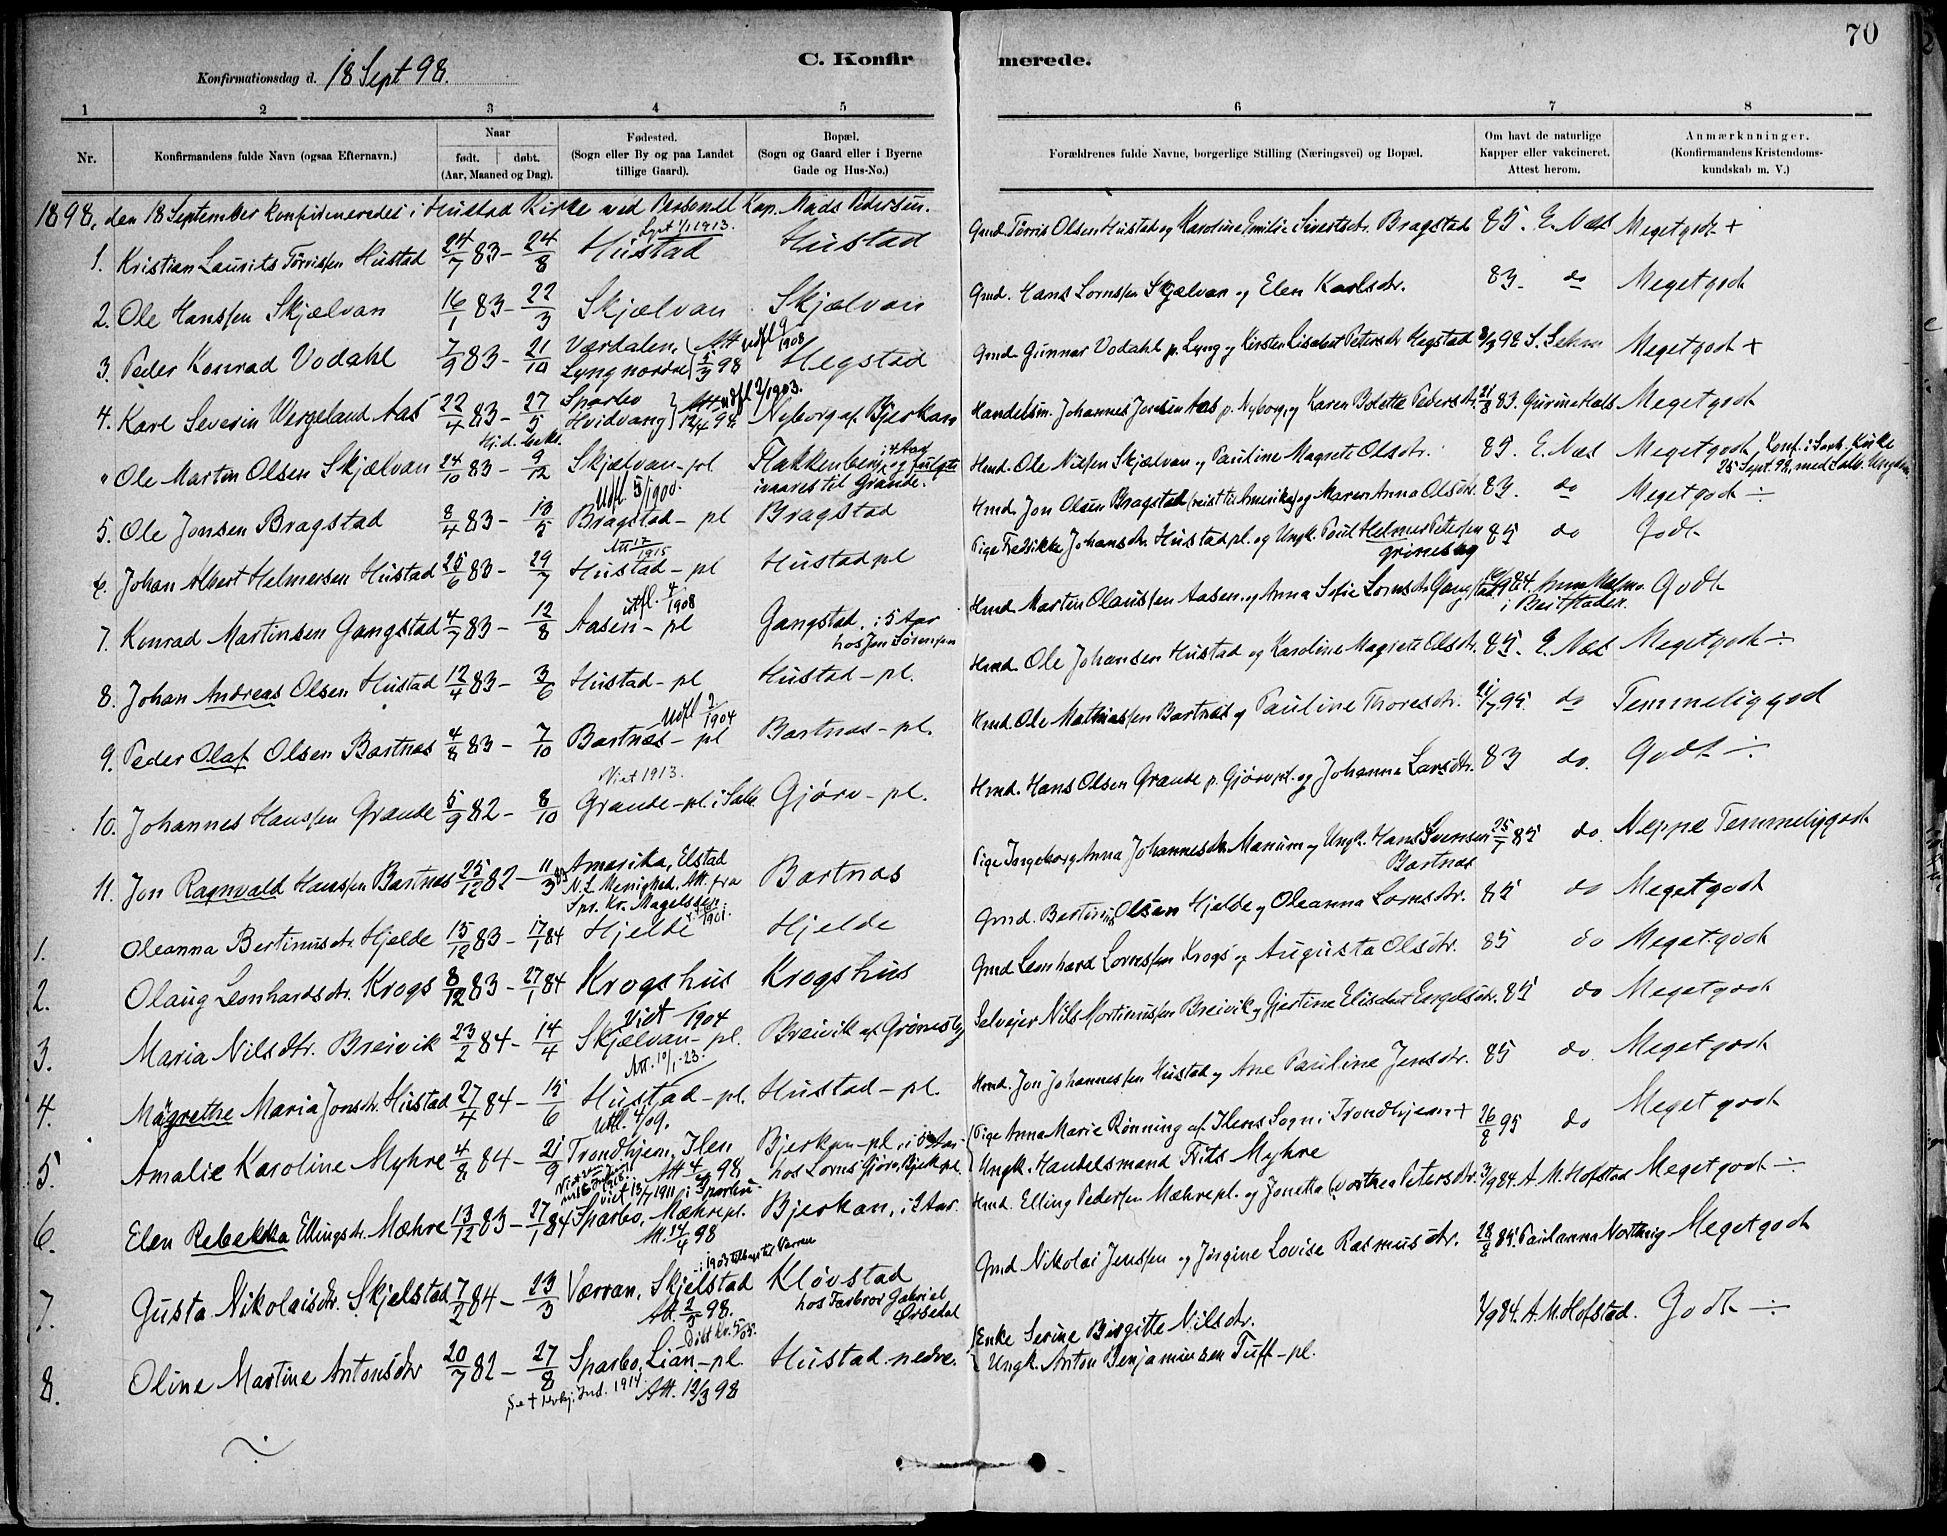 SAT, Ministerialprotokoller, klokkerbøker og fødselsregistre - Nord-Trøndelag, 732/L0316: Ministerialbok nr. 732A01, 1879-1921, s. 70